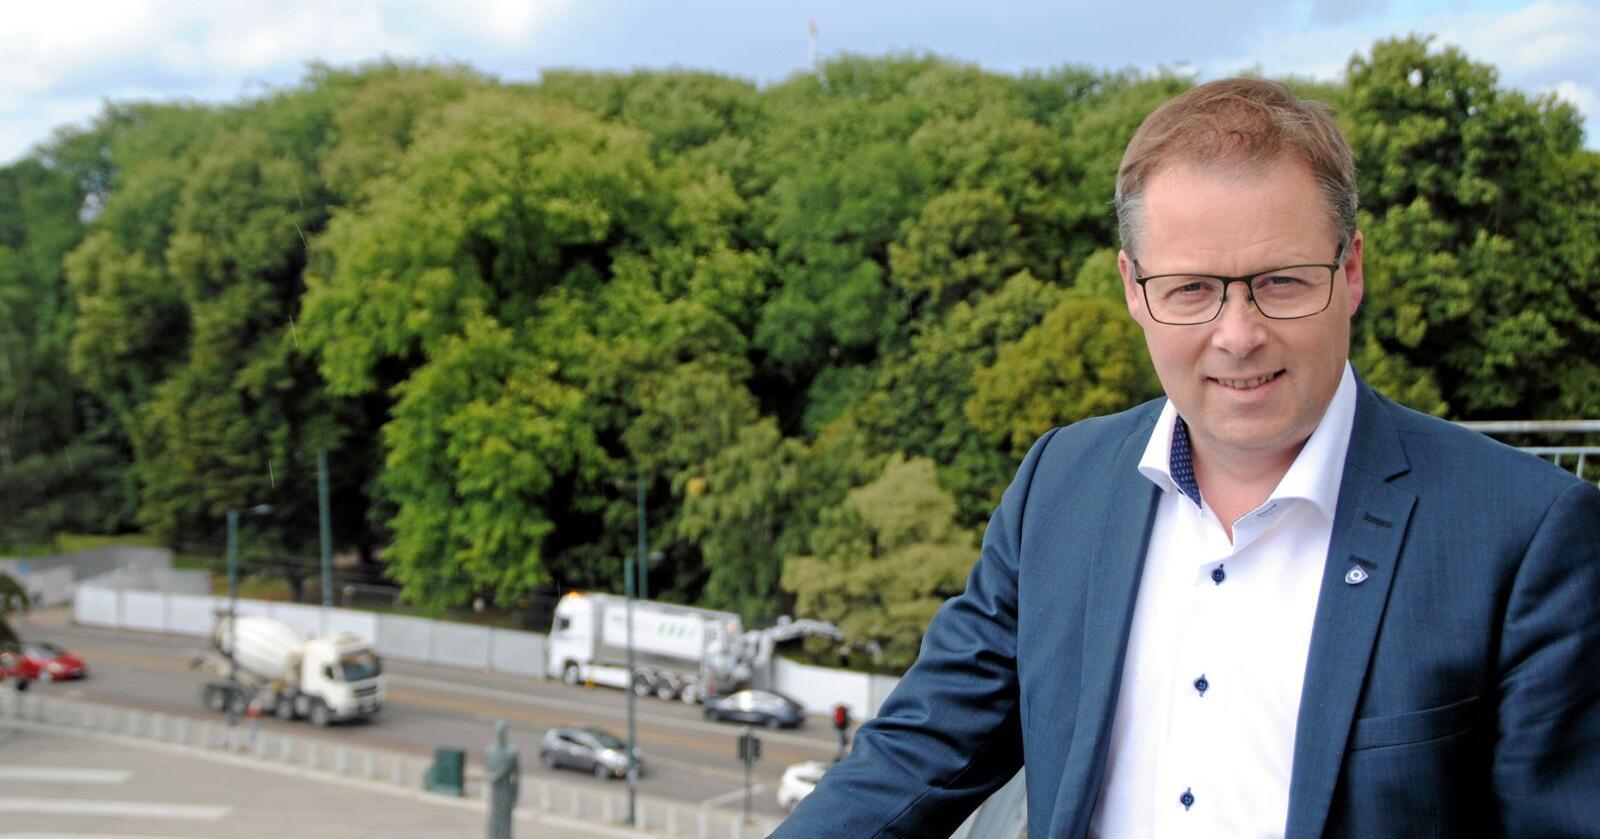 Advarer: Bjørn Arild Gram, styreleder i KS, sier kommuneøkonomien må styrkes. Foto: Lars Bilit Hagen.